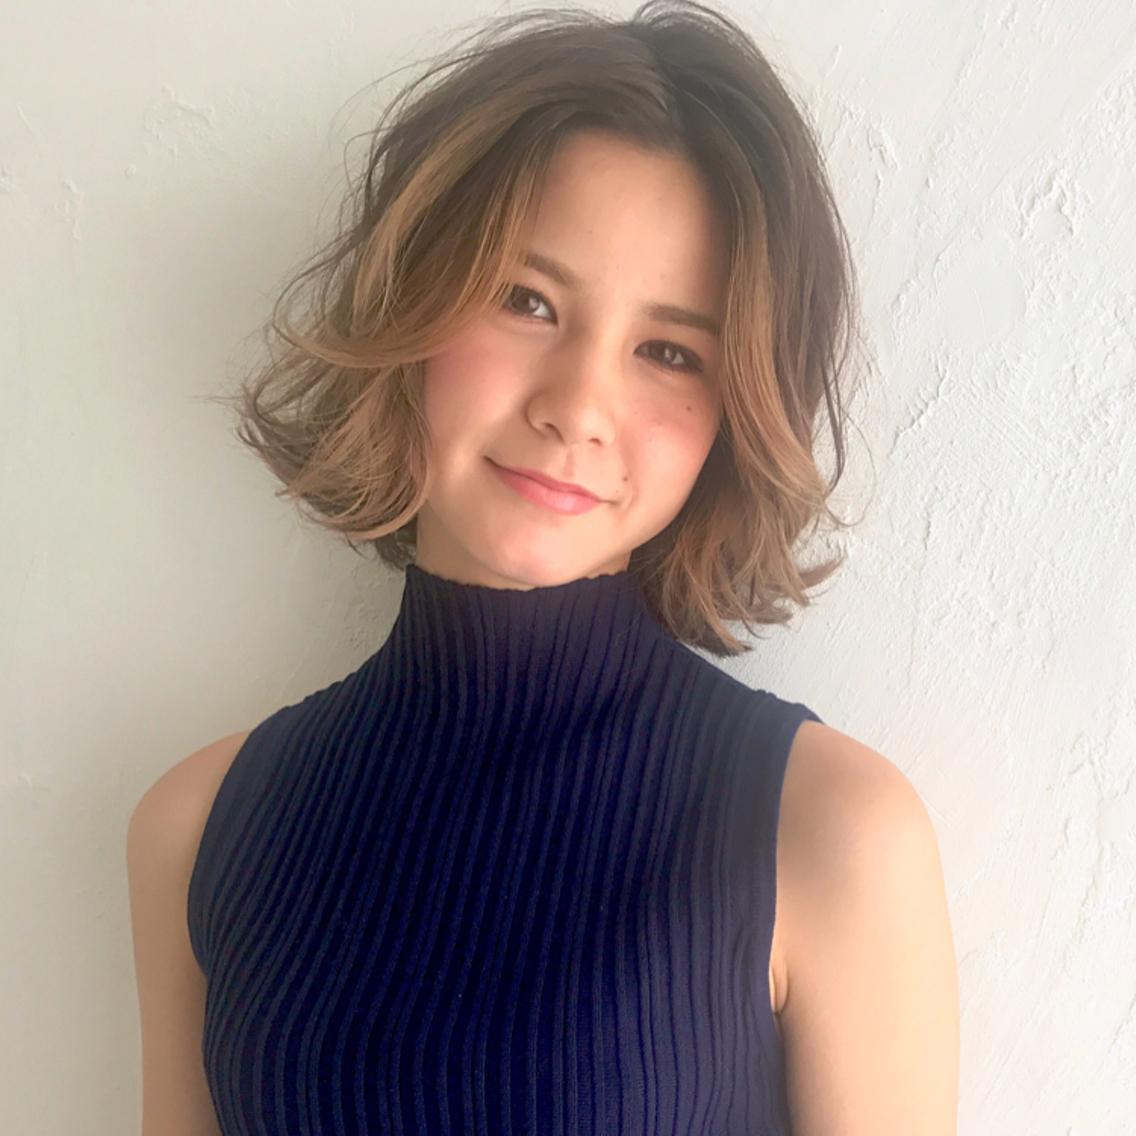 ☆池袋☆秋冬に向けて可愛い髪で過ごしませんか?✨カットカラートリートメント6500円✨撮影モデル募集✨